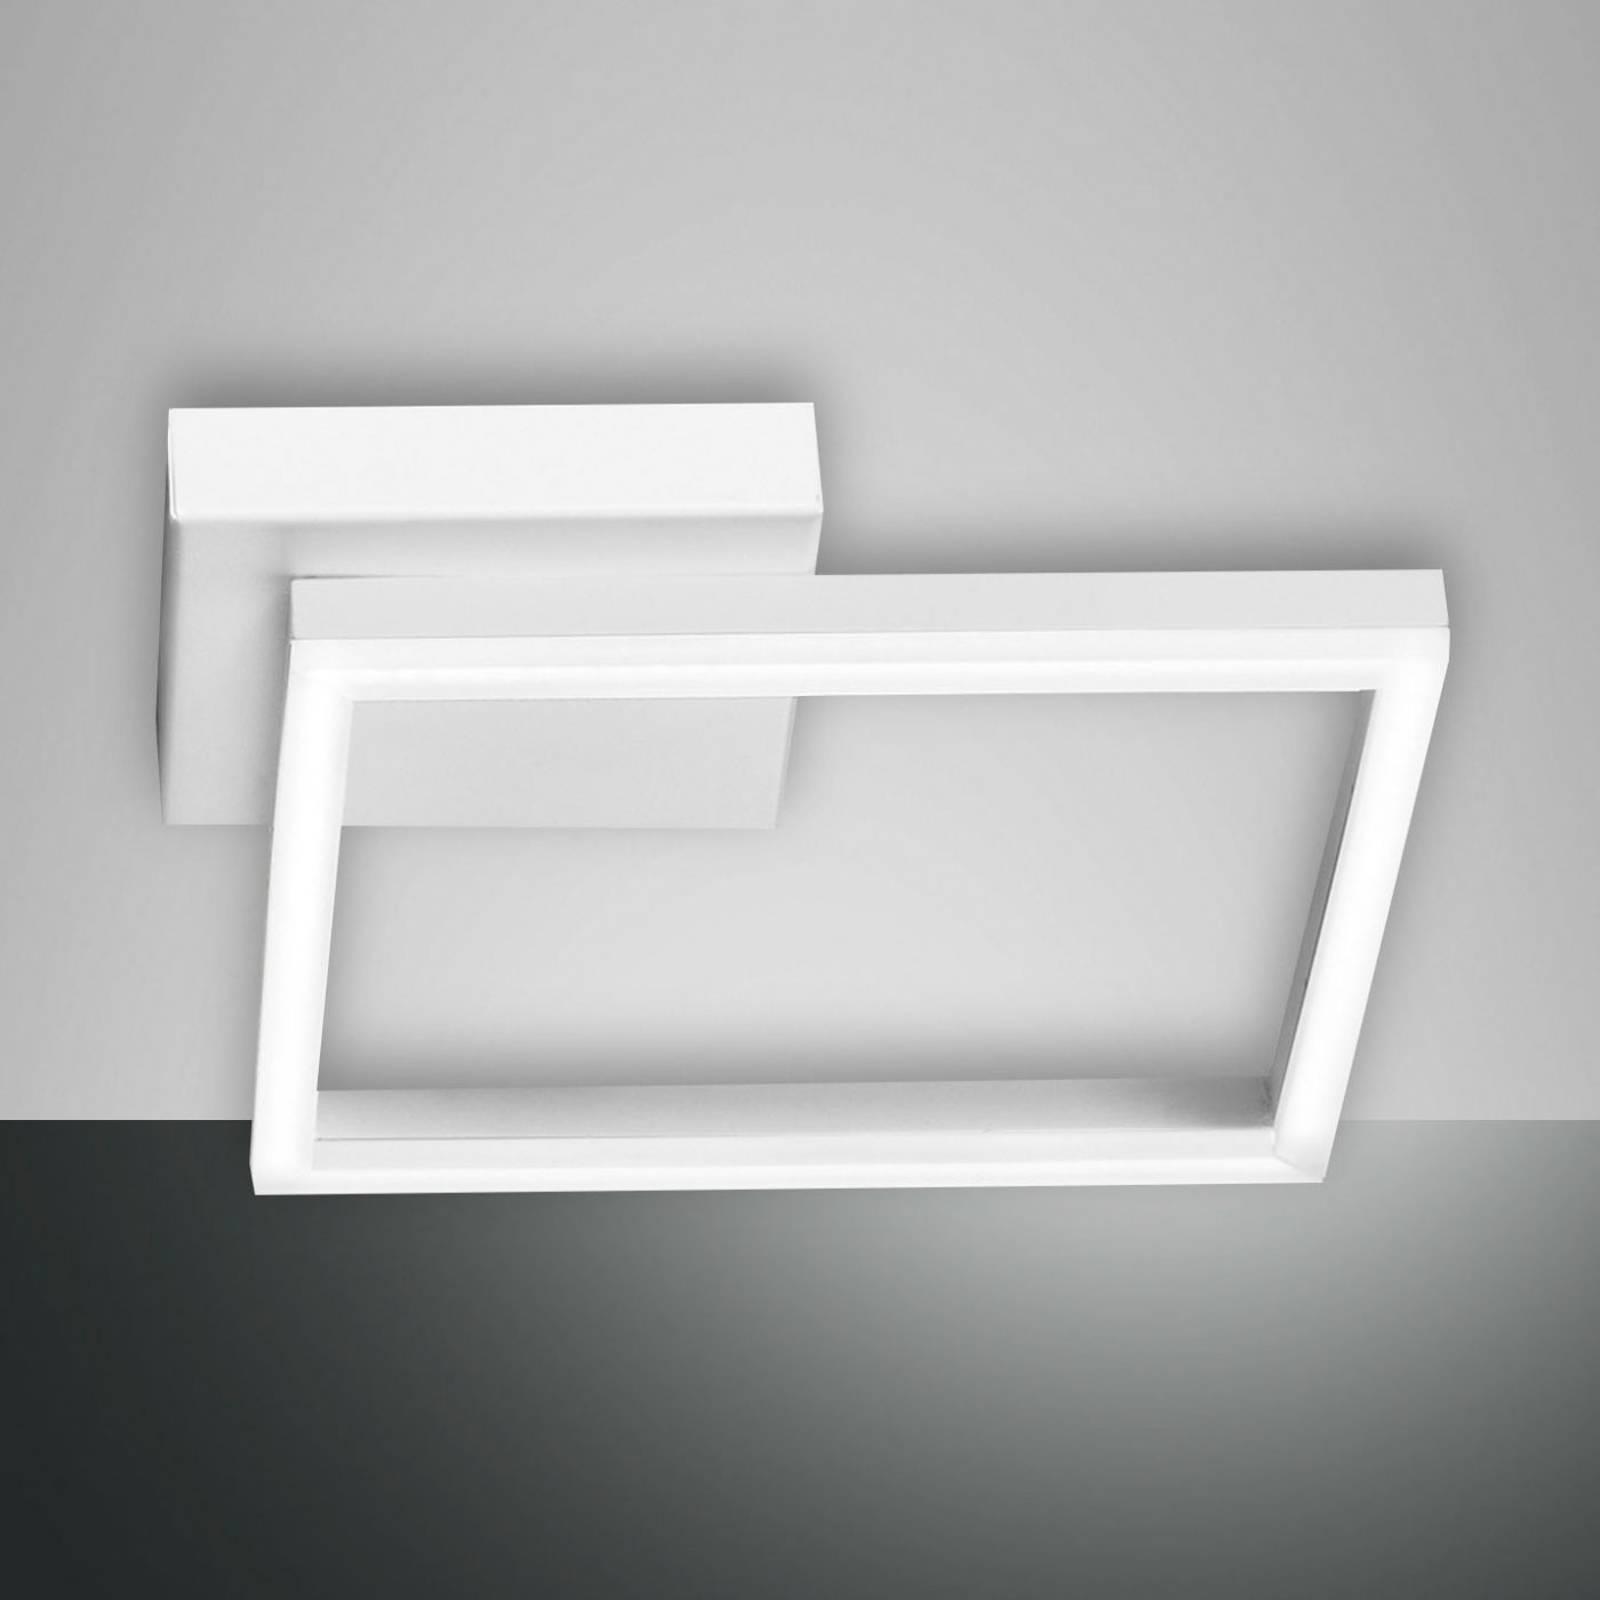 LED-kattovalaisin Bard, 27x27cm, valkoinen